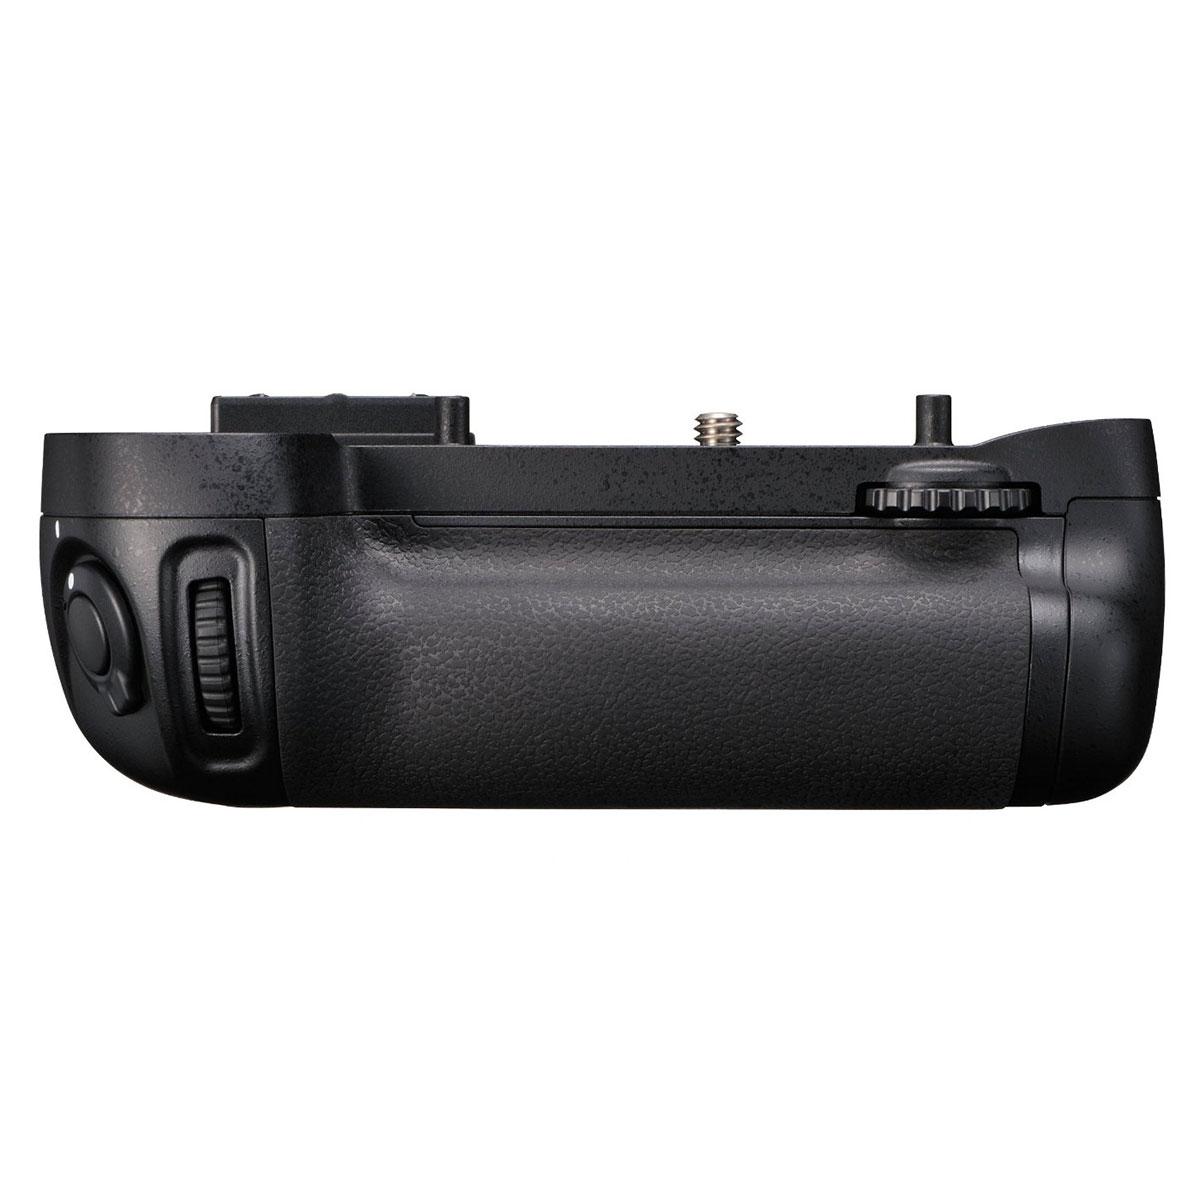 【送料無料】 ニコン MB-D15 マルチパワーバッテリーパック [Nikon D7200/ D7100対応]